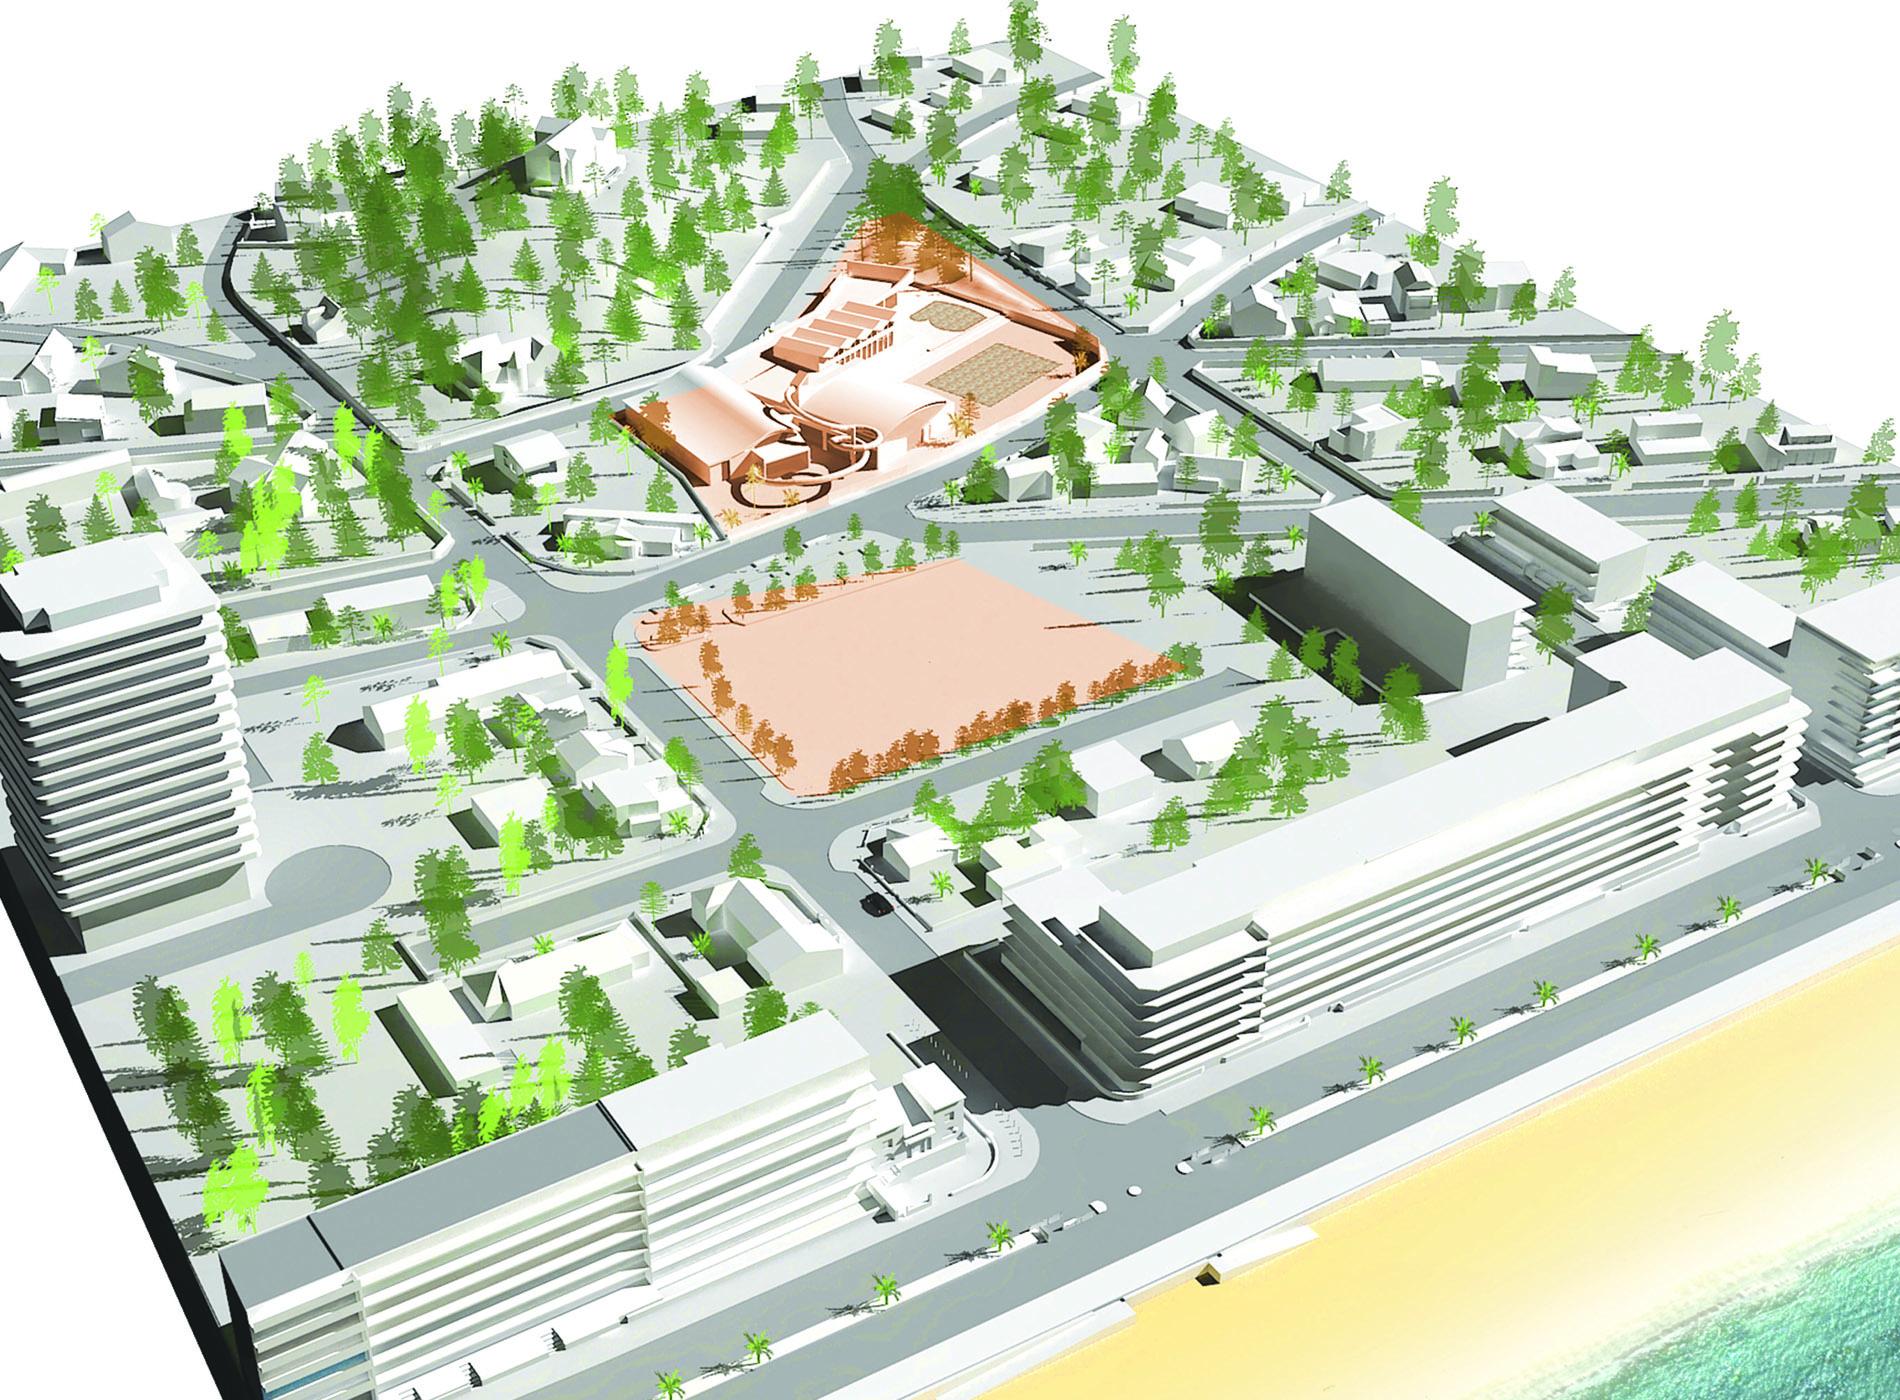 Aquabaule - Axonométrie d'ensemble 3D - Cap Urbain, agence de programmation urbaine et architecturale à Nantes